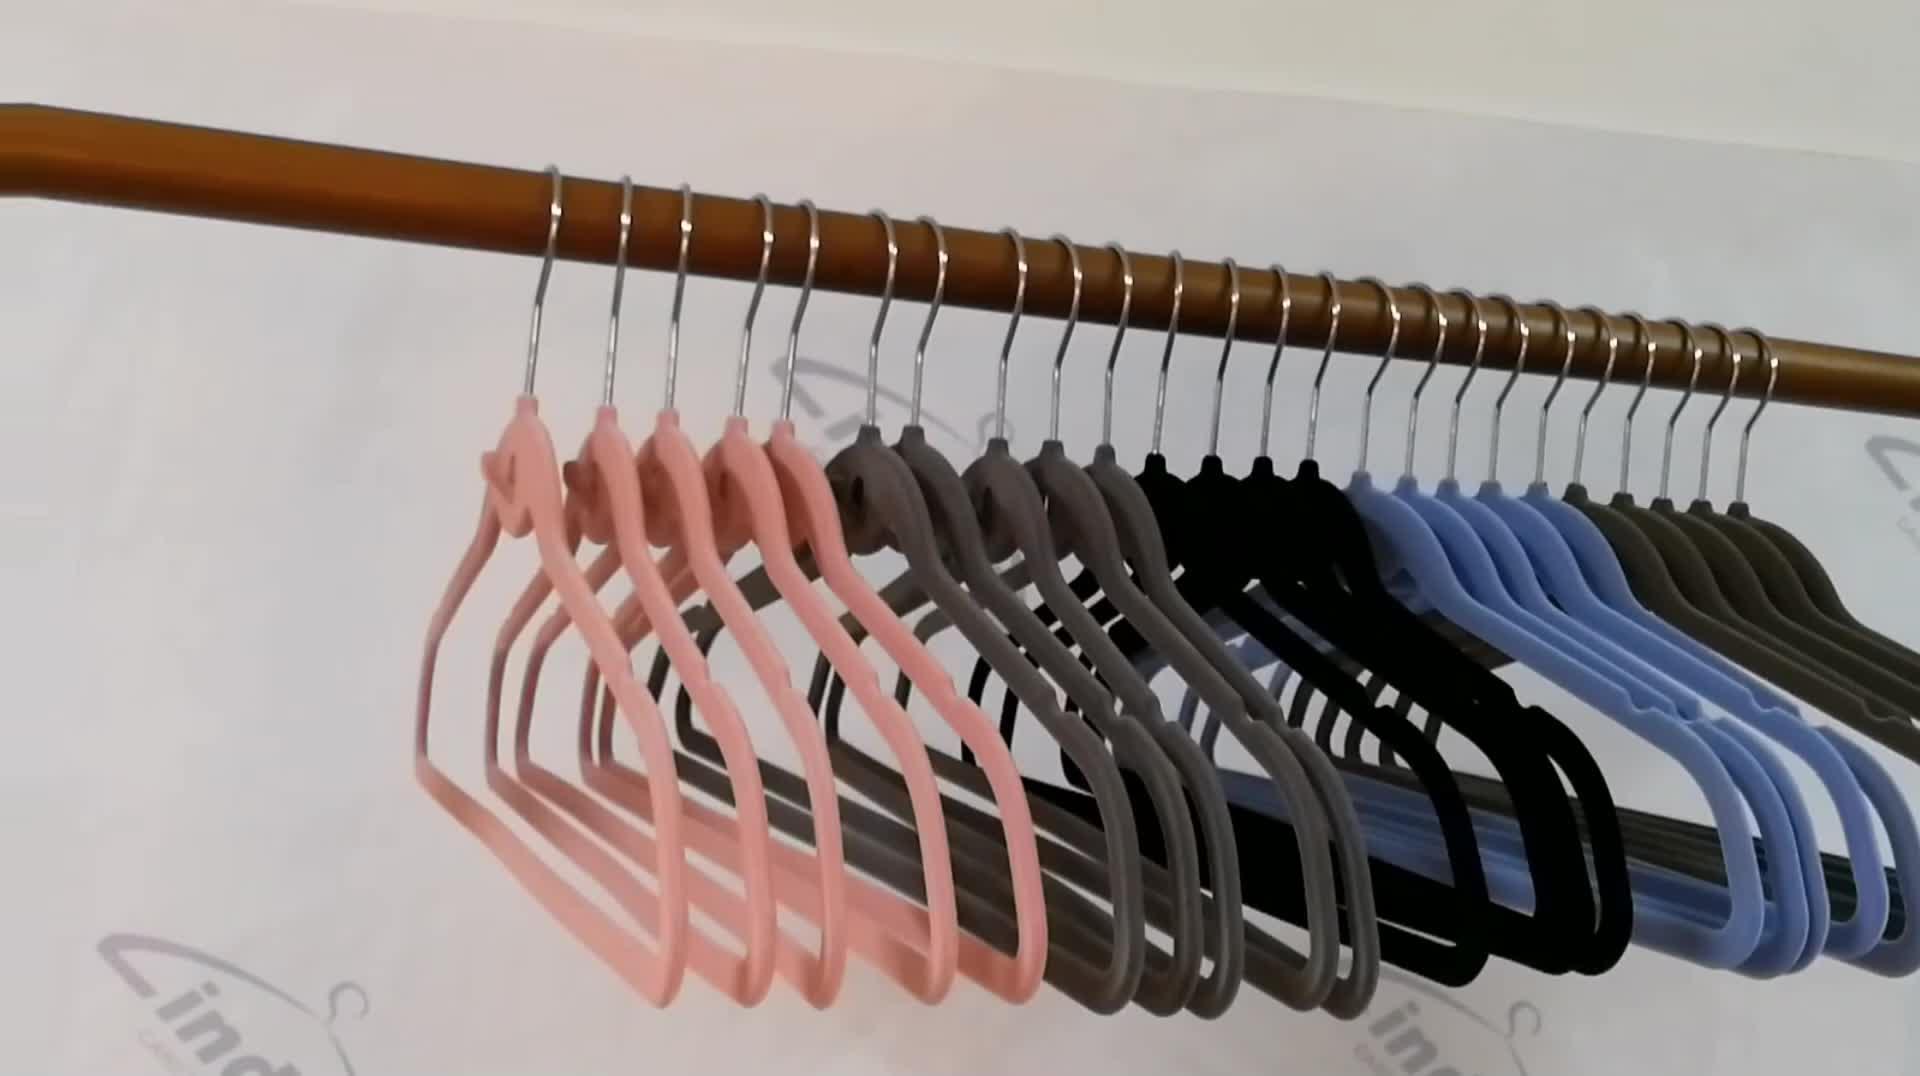 50 Pack Cascade Hook Pink Velvet Non Slip Coat Suit Clothes Hangers Ultra Thin Flocking Plastic Dress Hangers for Cloths Velvet